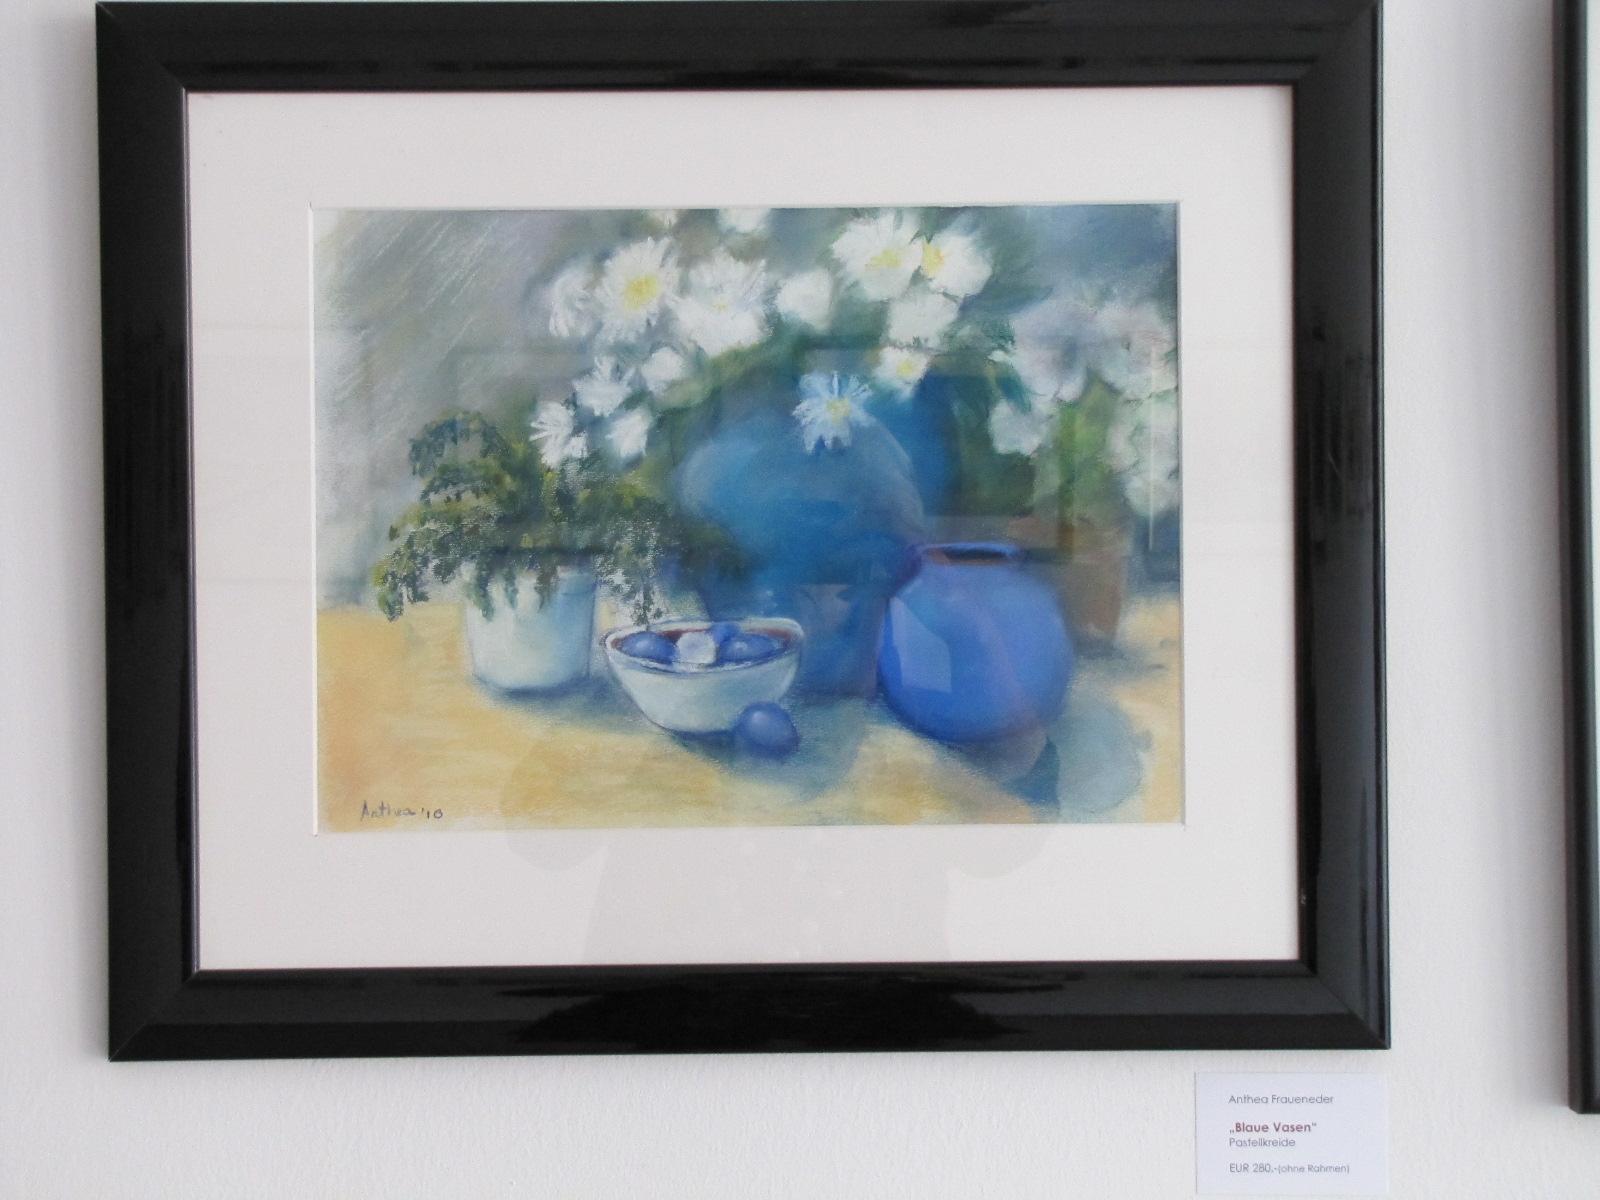 """Anthea Fraueneder - """"Blaue Vasen"""""""